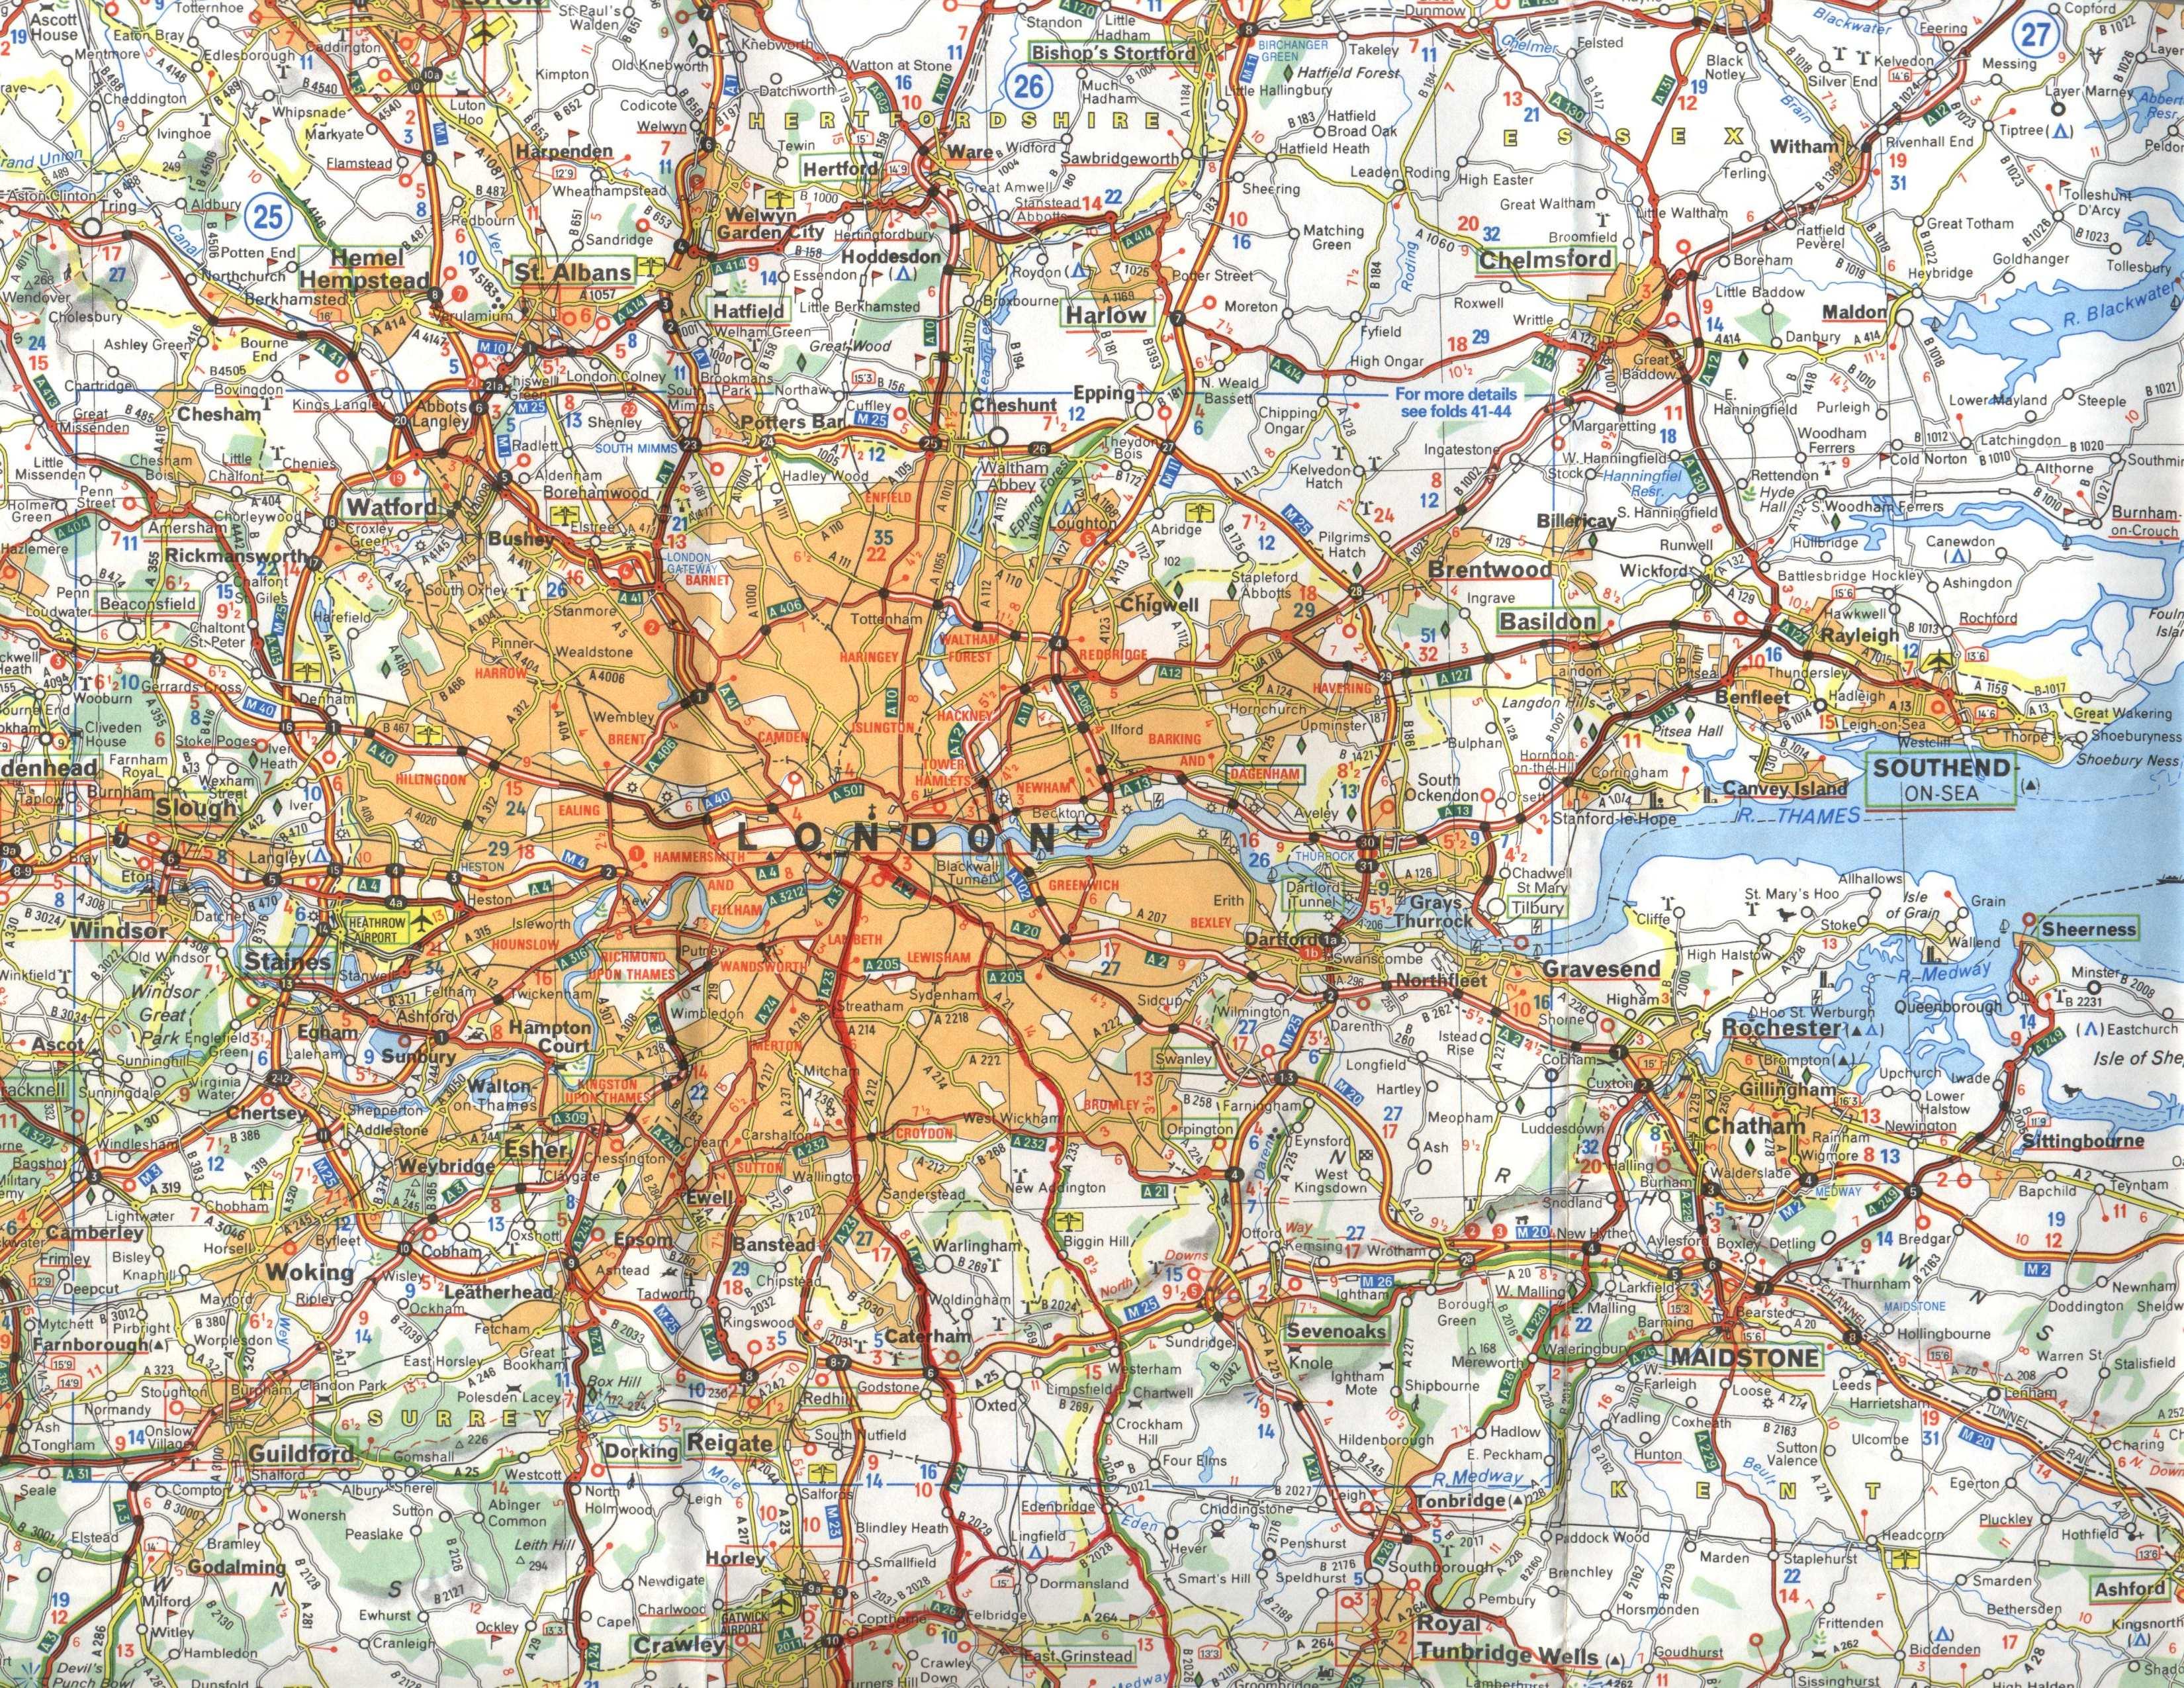 Gm 4l30e Wiring Diagram For Allison Transmission Hunter 44905 Thermostat Le Automotive Diagrams Carte Londres Routiere Routes Autoroutes L E